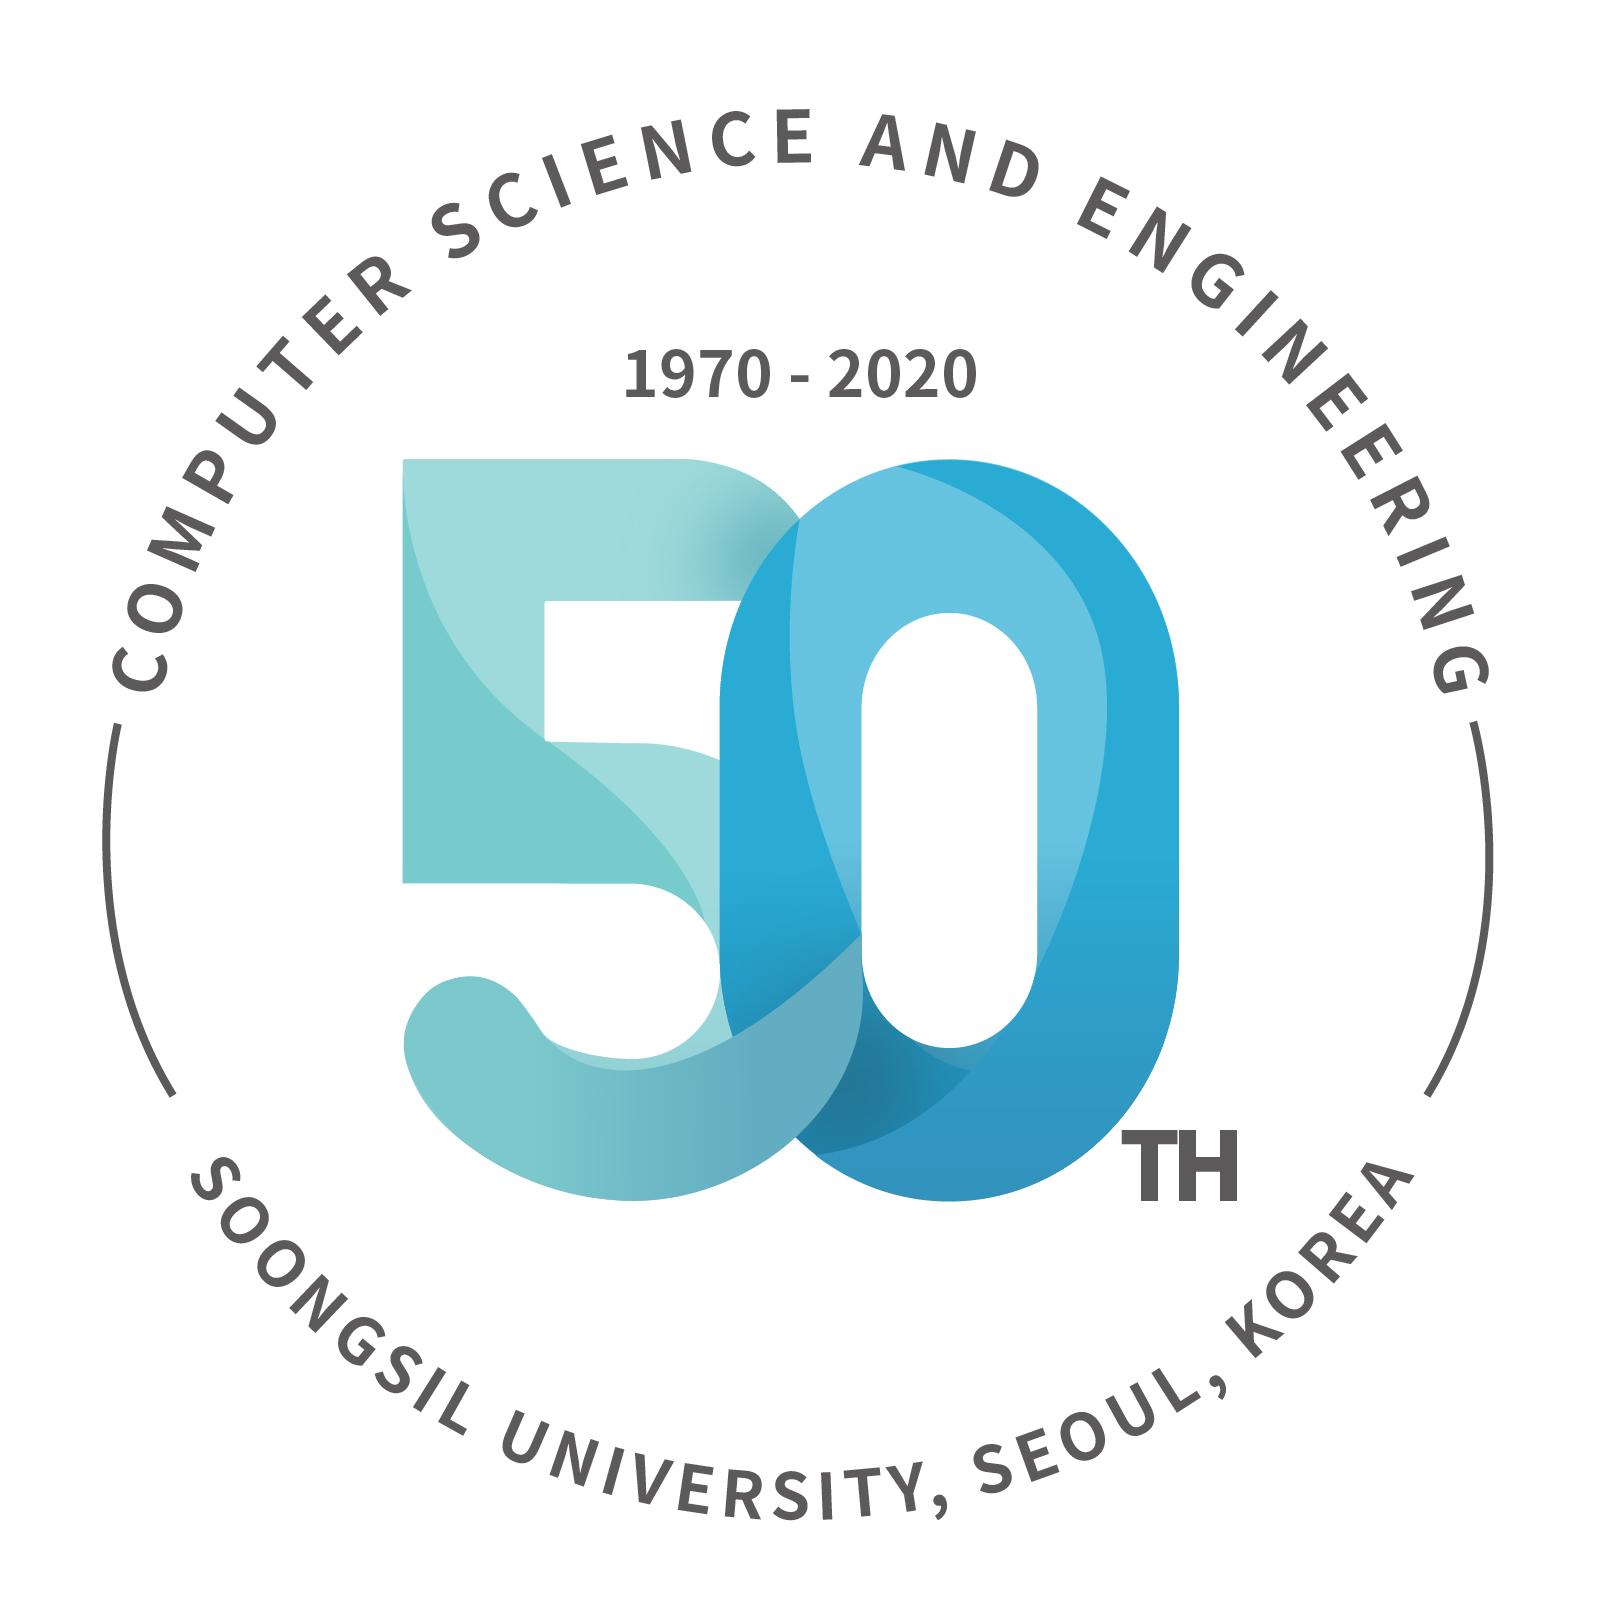 컴퓨터학부 50주년